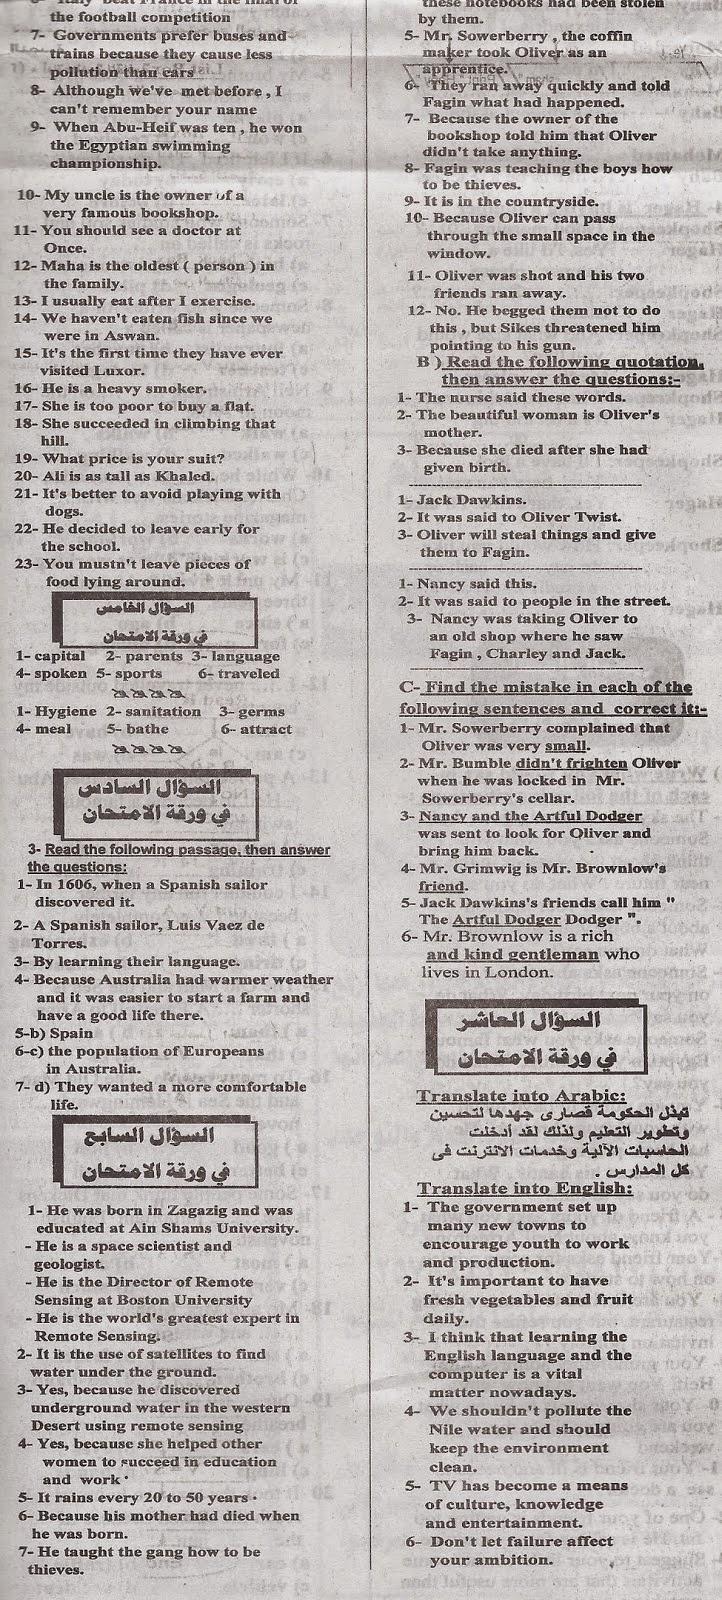 ملحق الجمهورية يناير 2015 تجميع اقوى اسئلة امتحان نصف العام فى